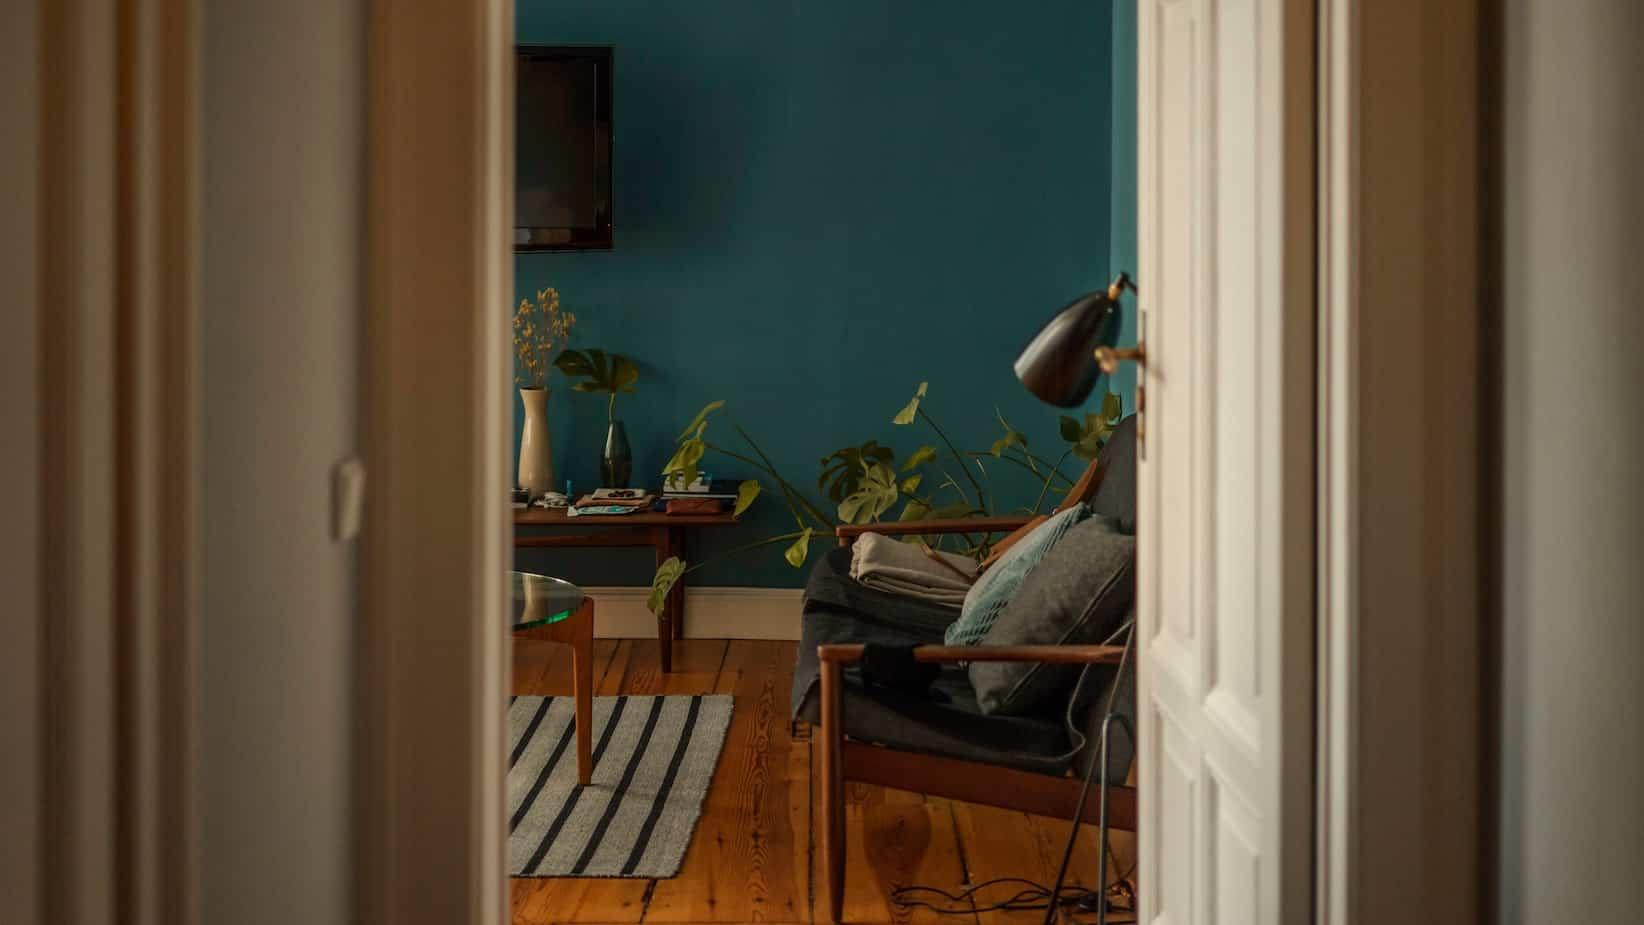 tips to brighten up windowless room